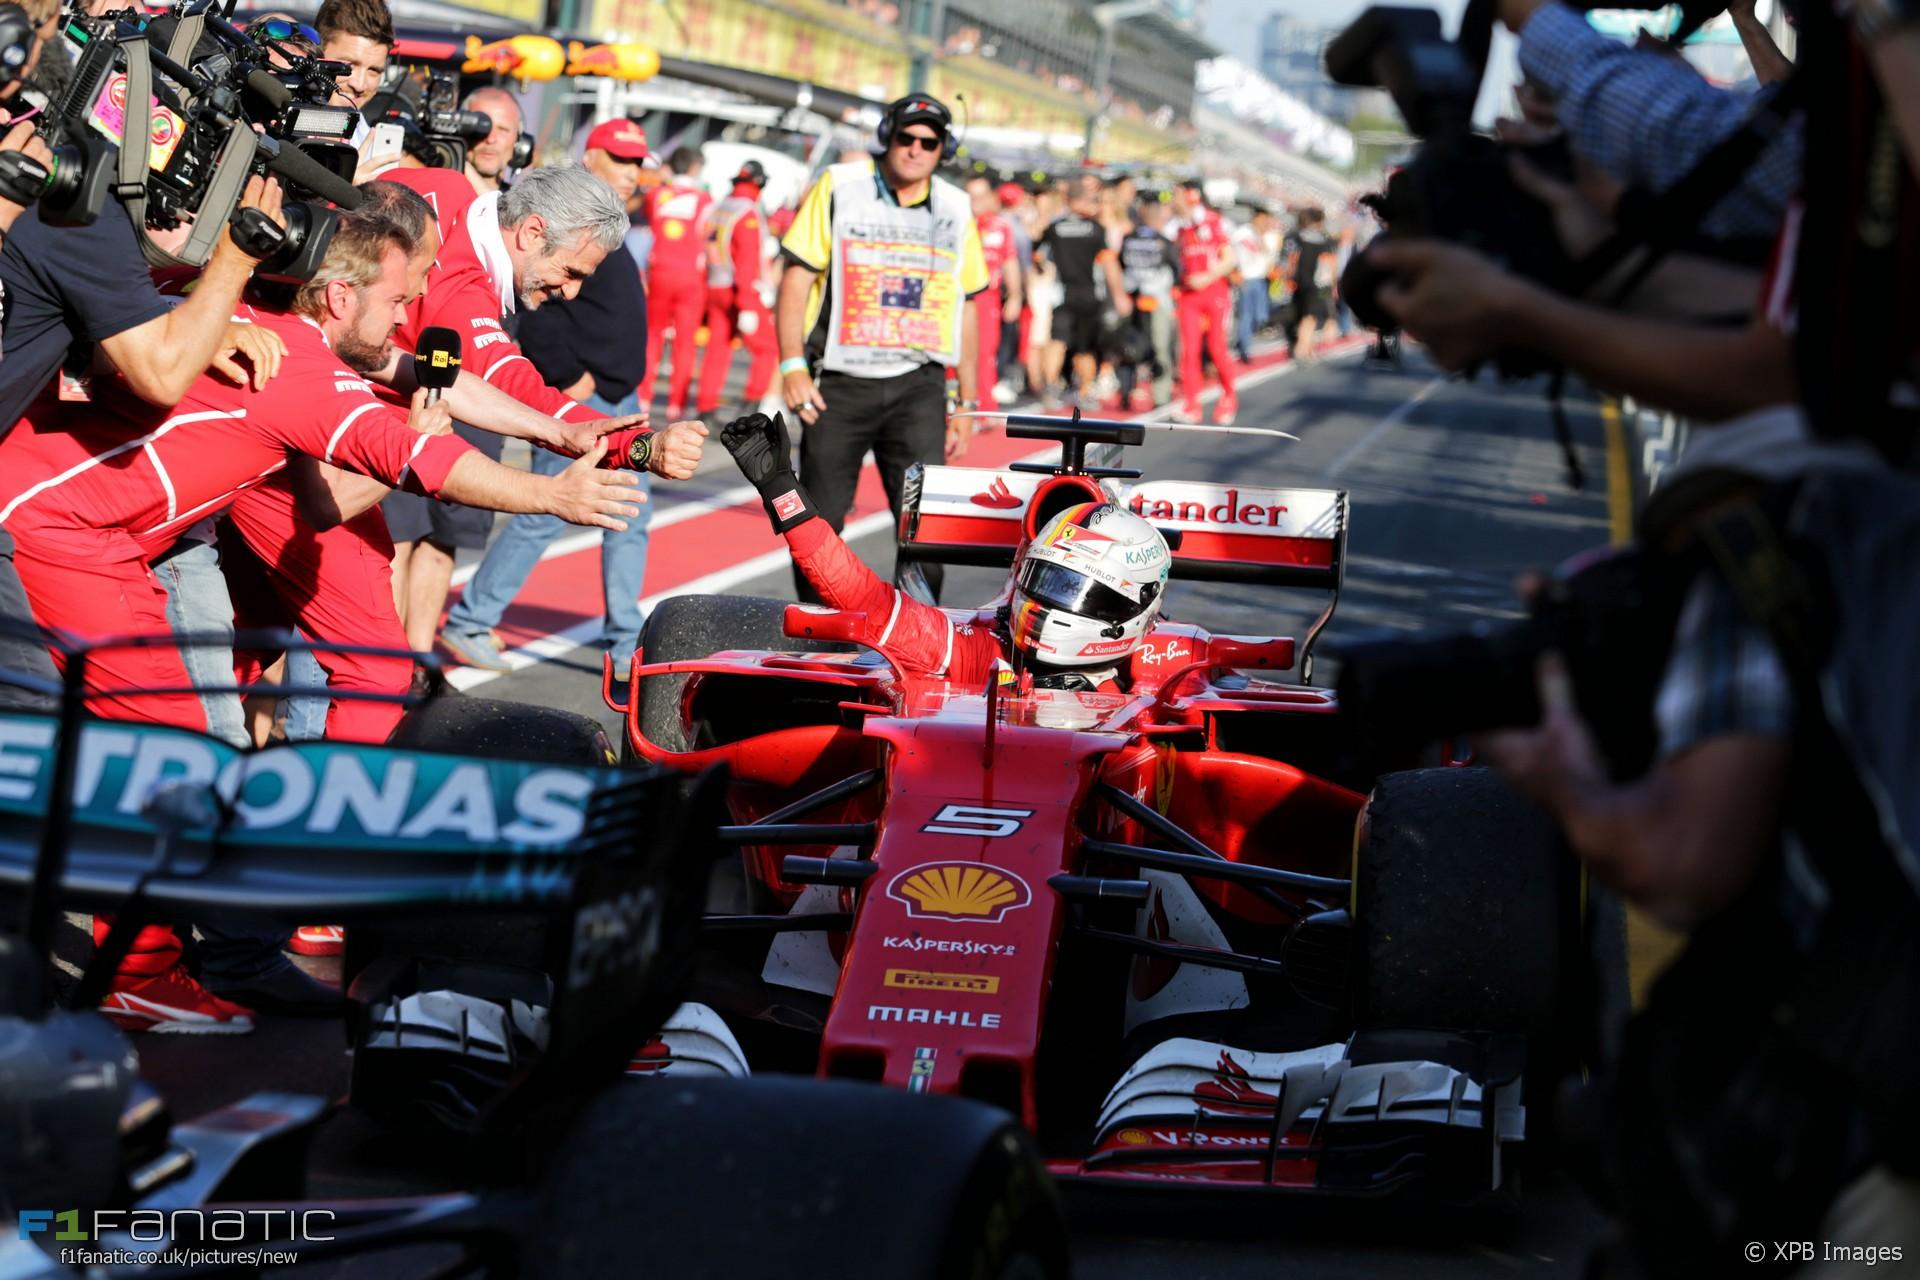 YES!! Eindelijk Ferrari weer!! F1 2017 is begonnen! Max mooi 5e! #f1 #ausgp #vettel #ferrari